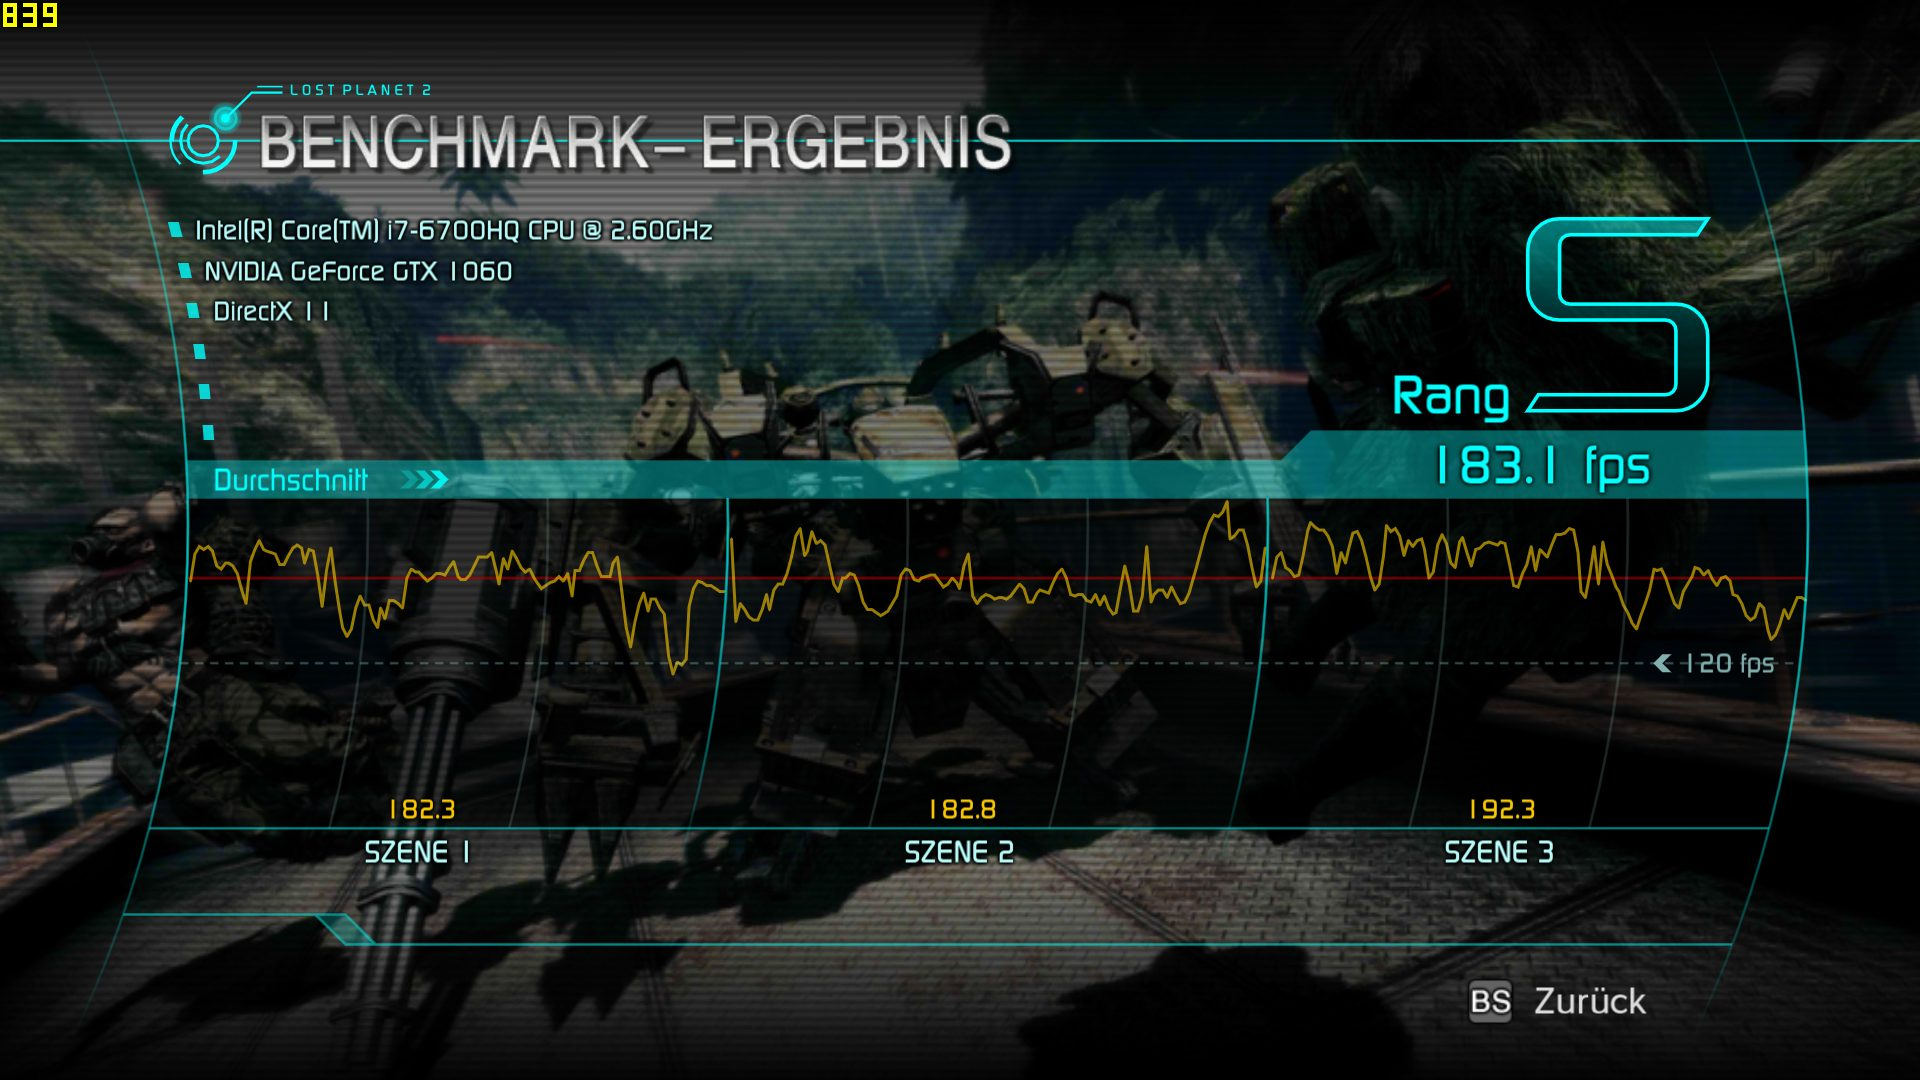 SCHENKER-XMG-P507-VE-gsh-Grafik_11